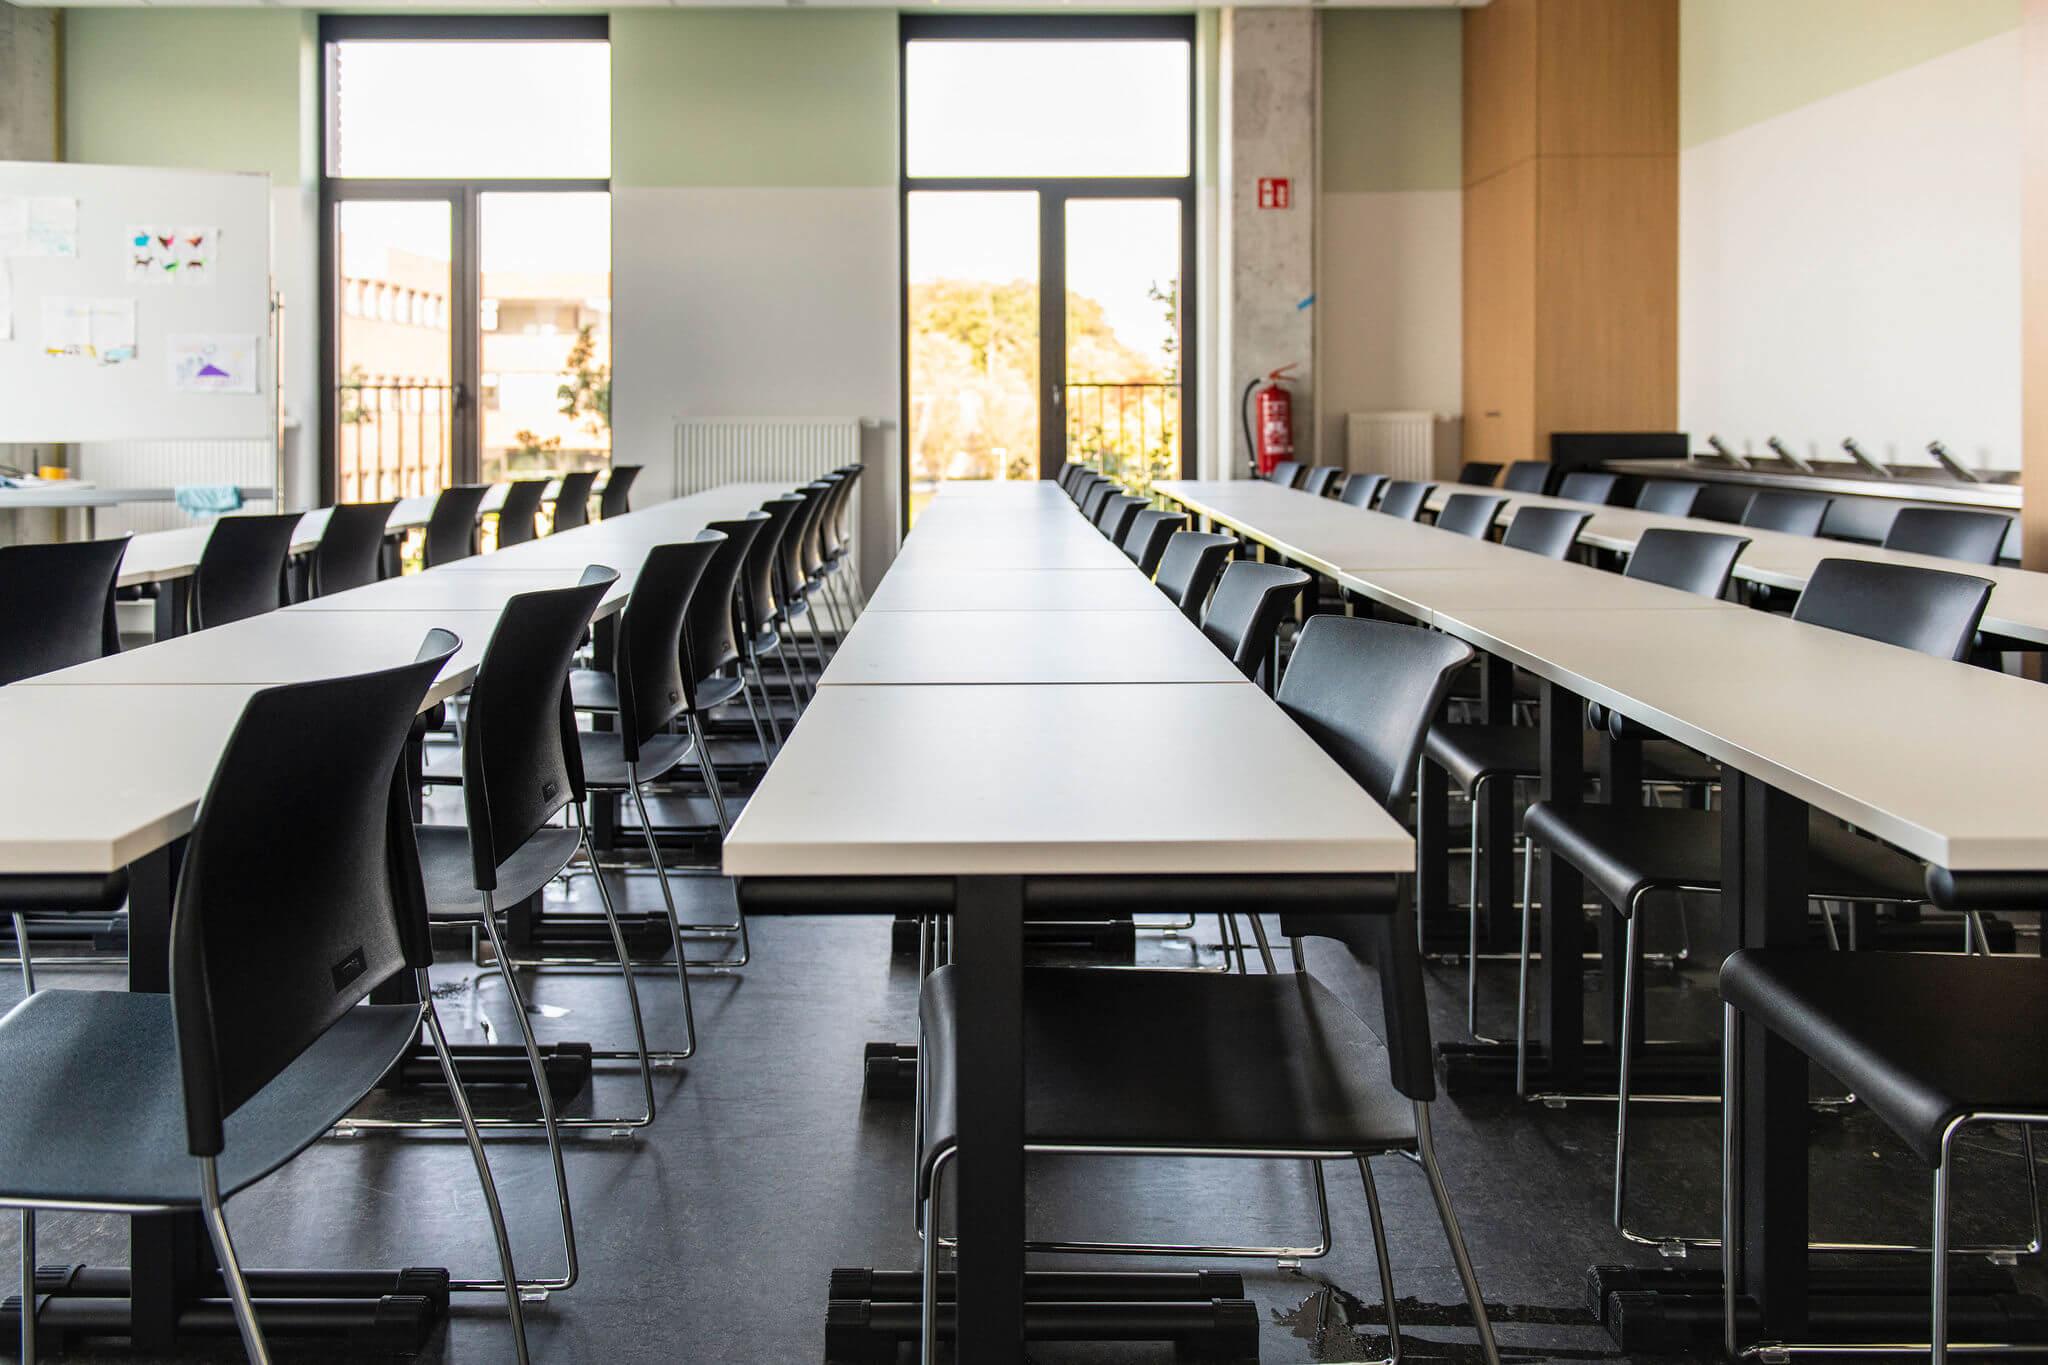 Leslokaal bij Vives Kortrijk met leerlingentafels en stapelbare Sting stoelen.